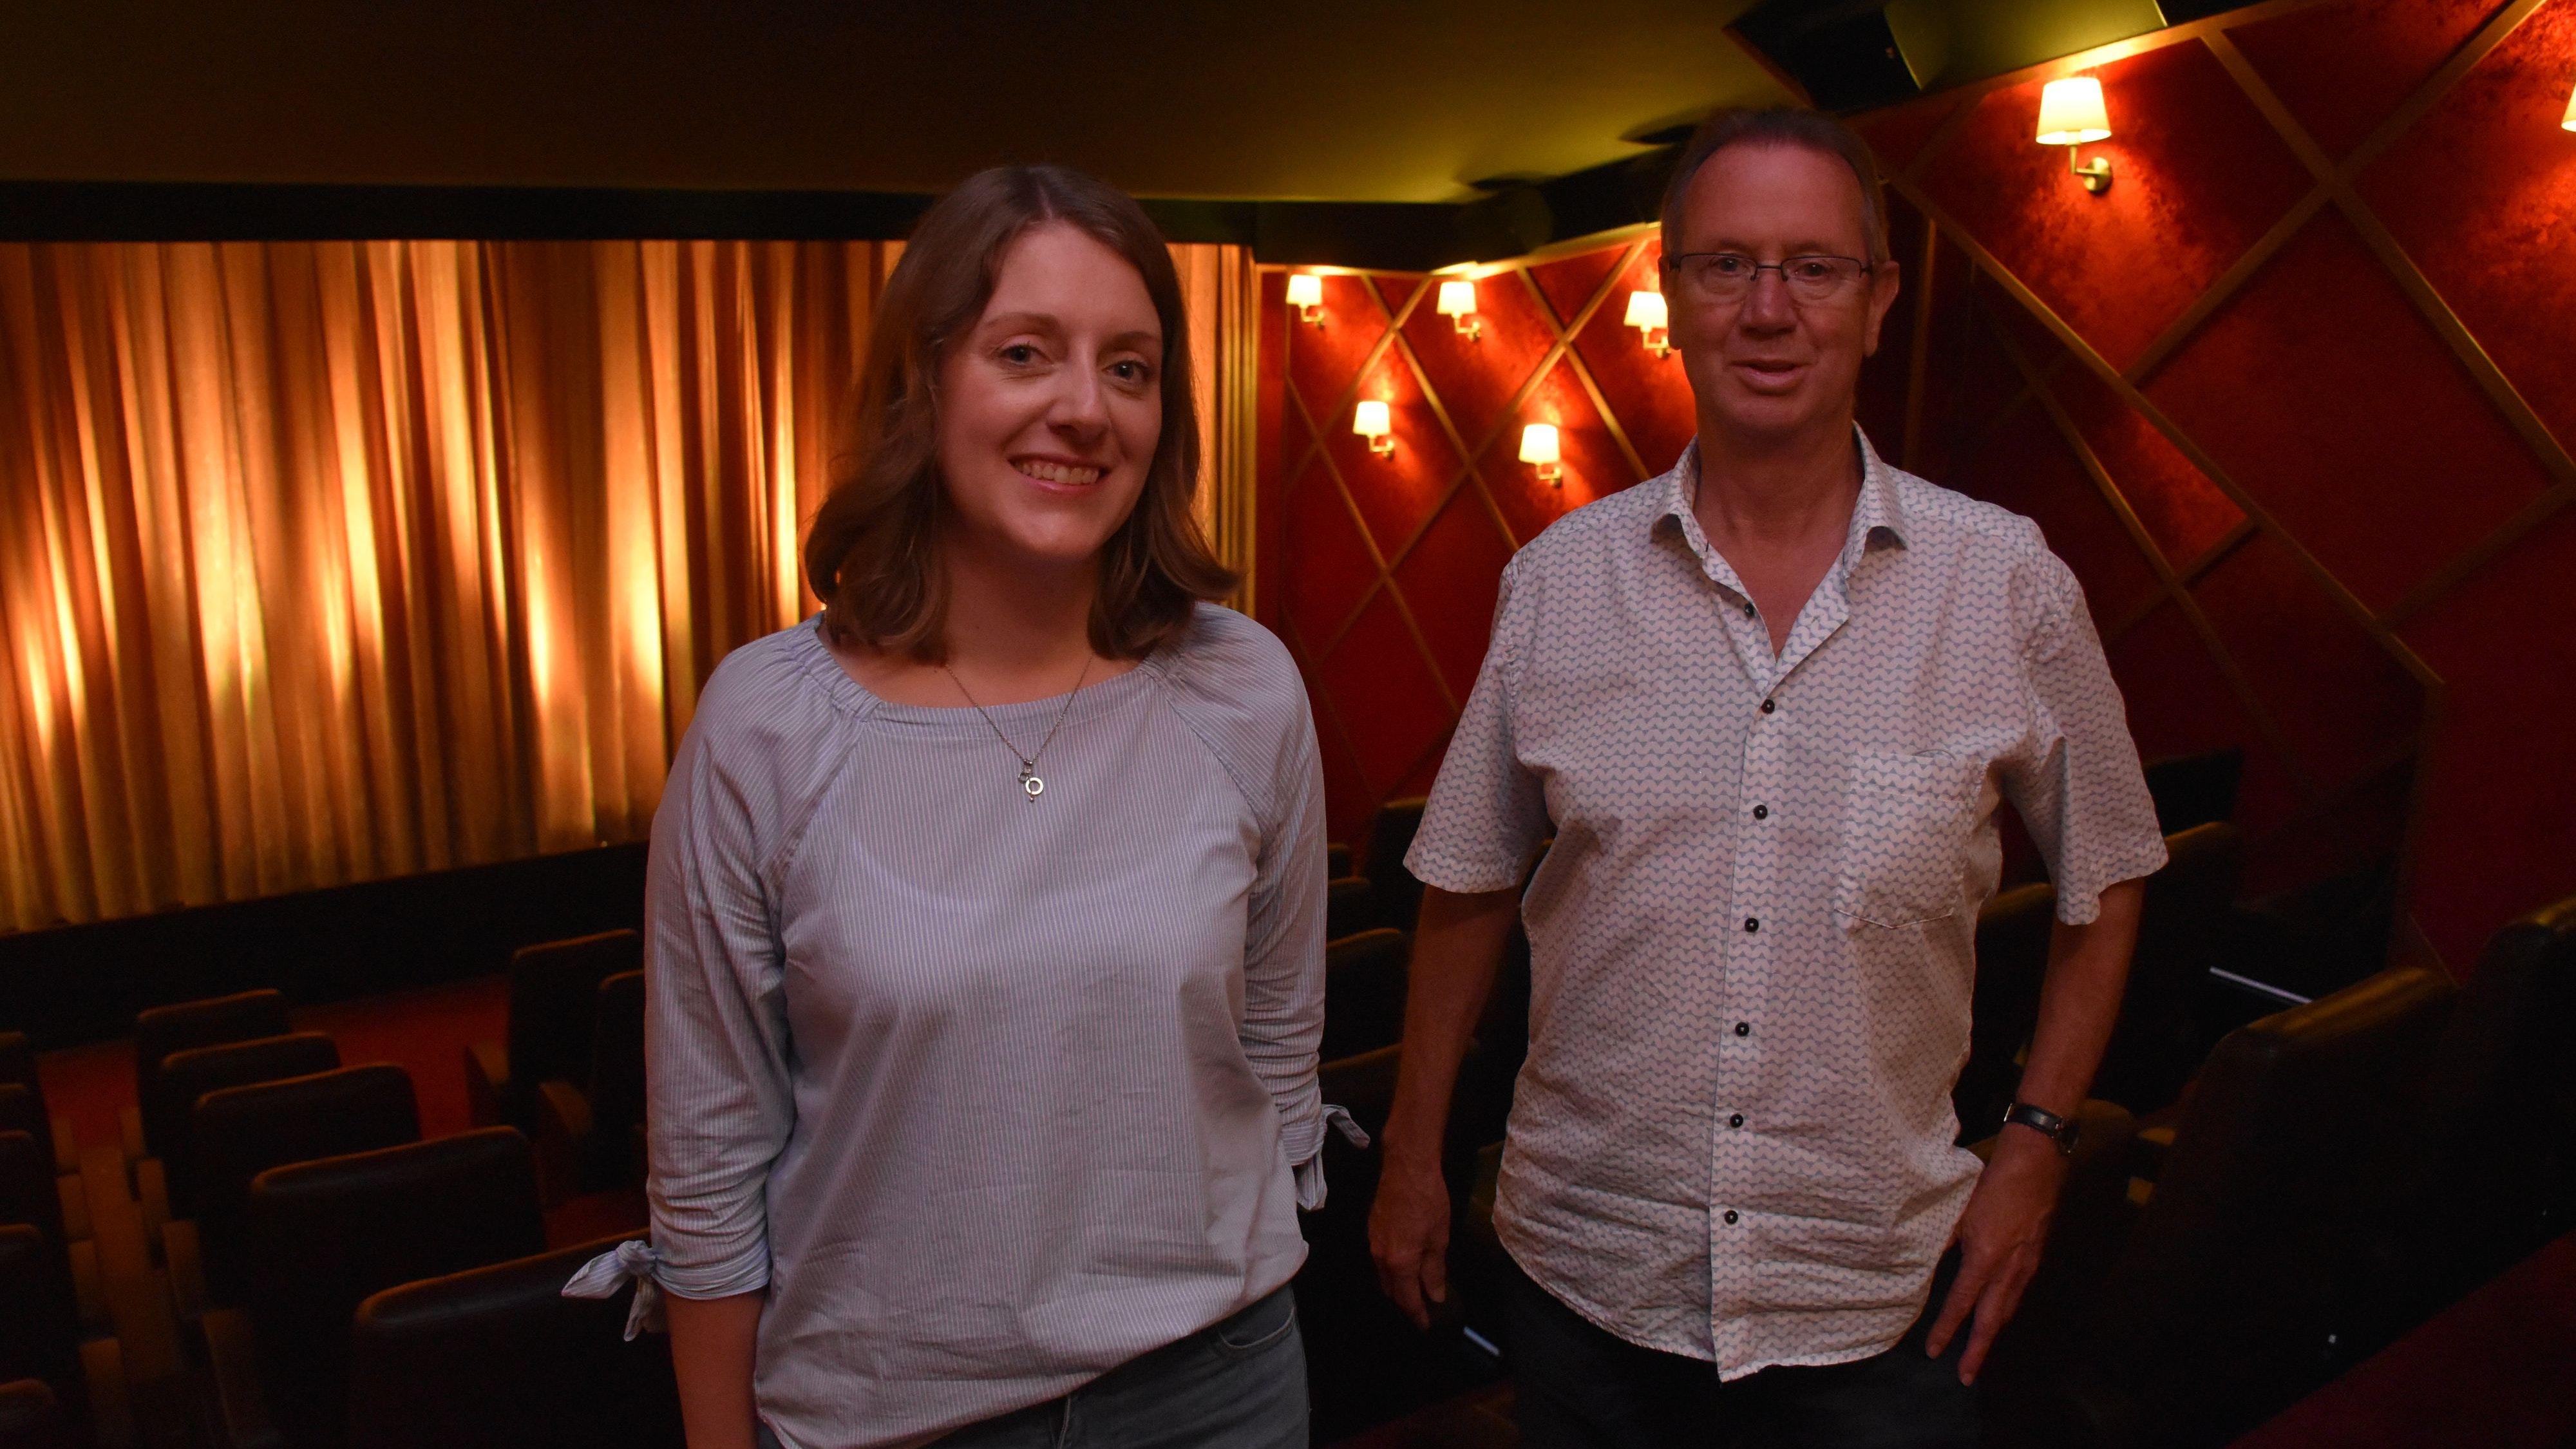 Der Vorhang öffnet sich wieder: Lydia Stuntebeck und Dieter Straßenburg vom Capitol-Kino in Lohne sind bereit für den bundesweiten Neustart der Filmtheater am 1. Juli. 8 Monate lang waren die Kinos in Deutschland geschlossen. Foto: Timphaus